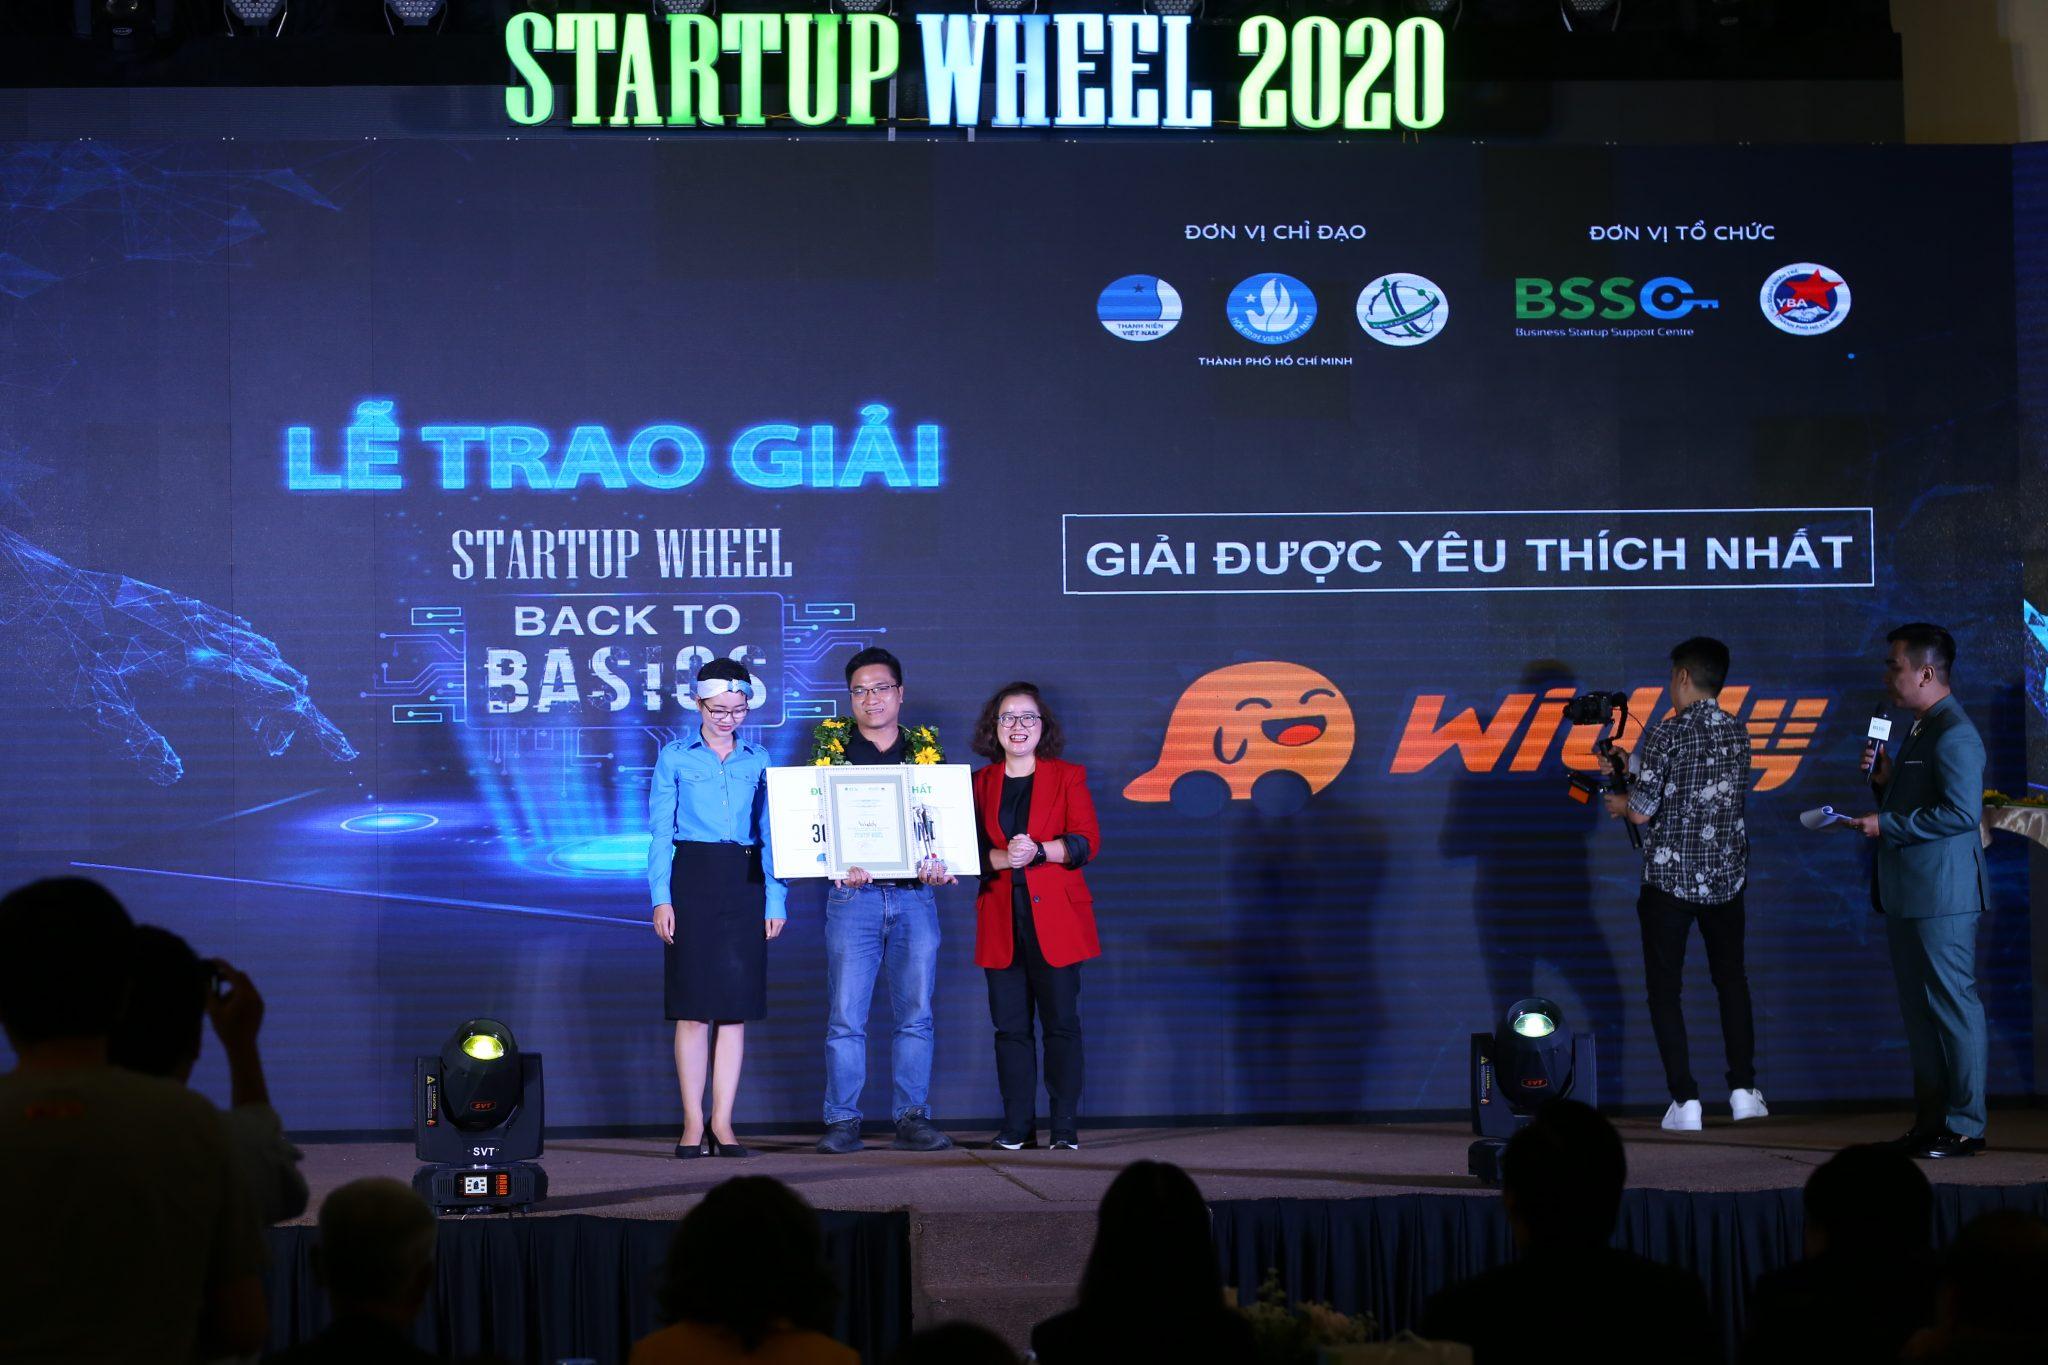 Startup Wheel 2020 2 Umbalena – Ứng dụng sách dành cho trẻ em đạt giải Nhất cuộc thi Startup Wheel 2020